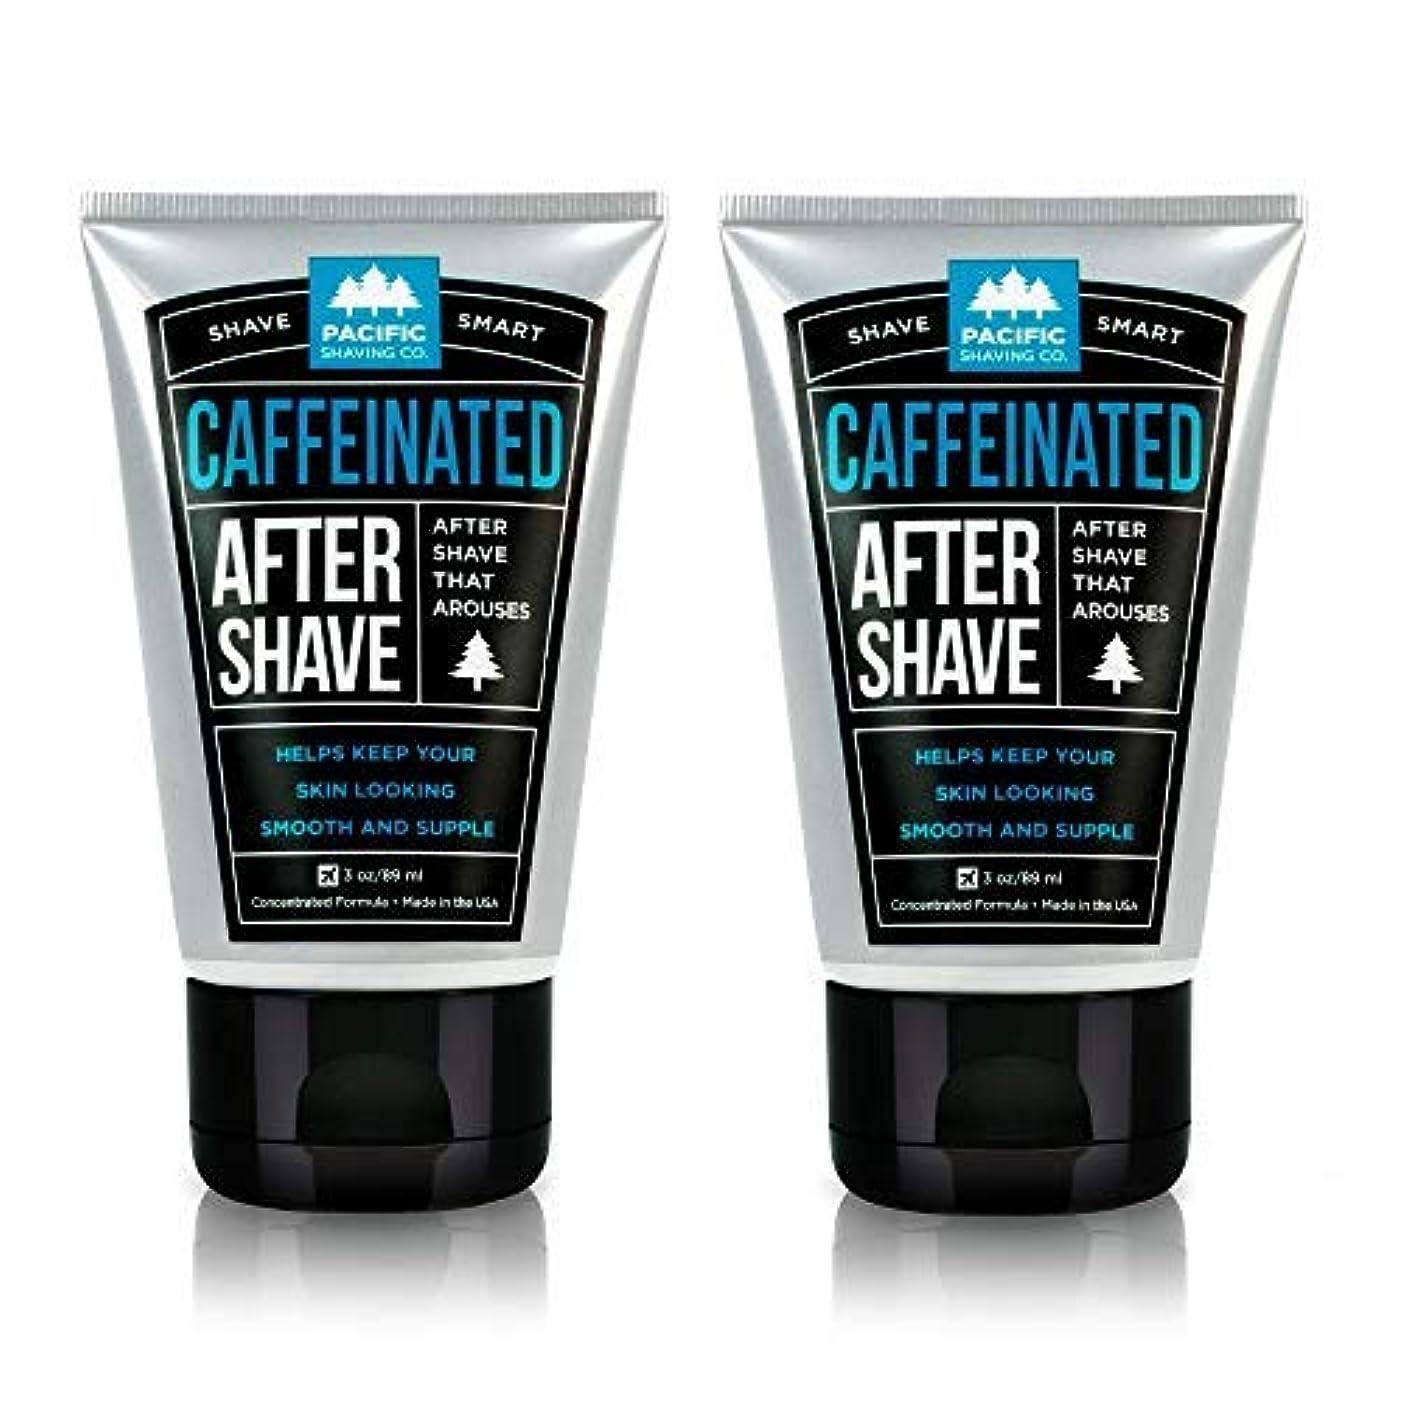 主流虚偽ゴミ箱を空にするPacific Shaving Company Caffeinated Aftershave 2 Pack [並行輸入品]